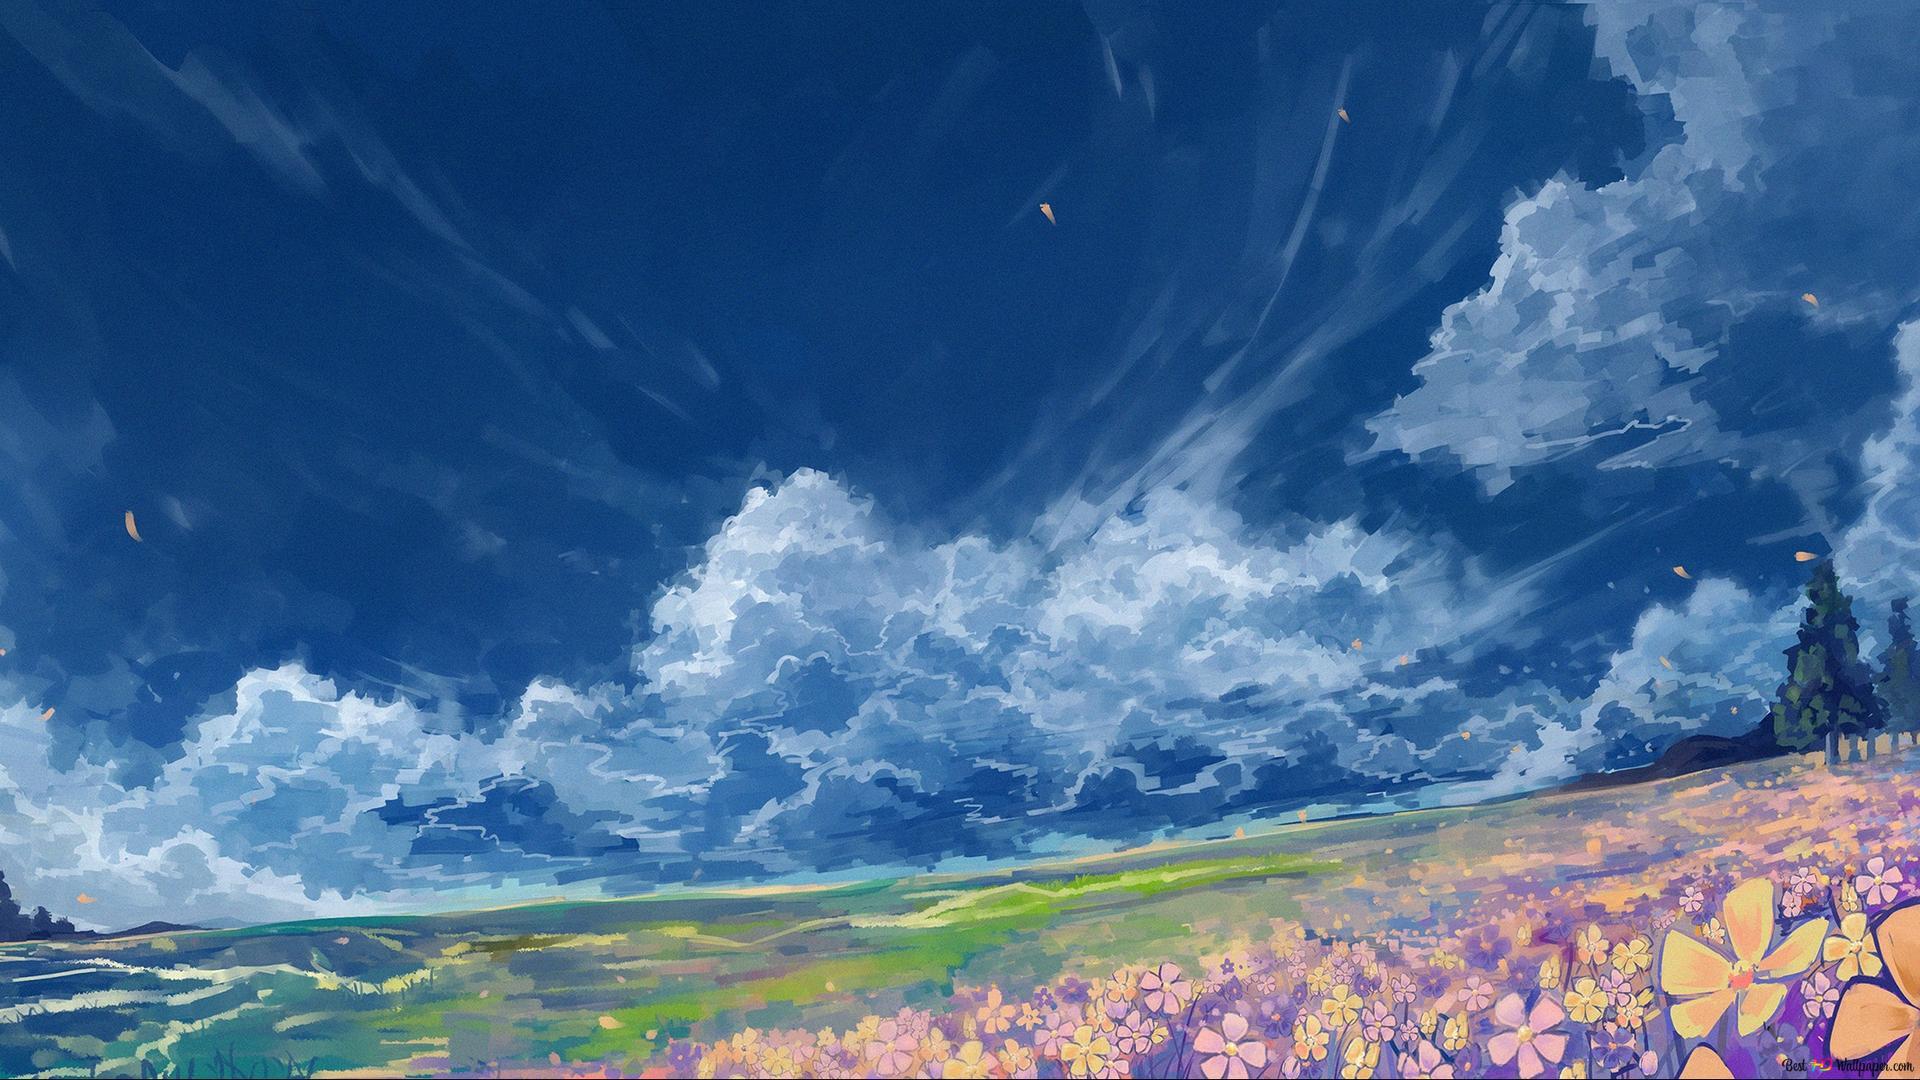 Flowers Field Hd Wallpaper Download